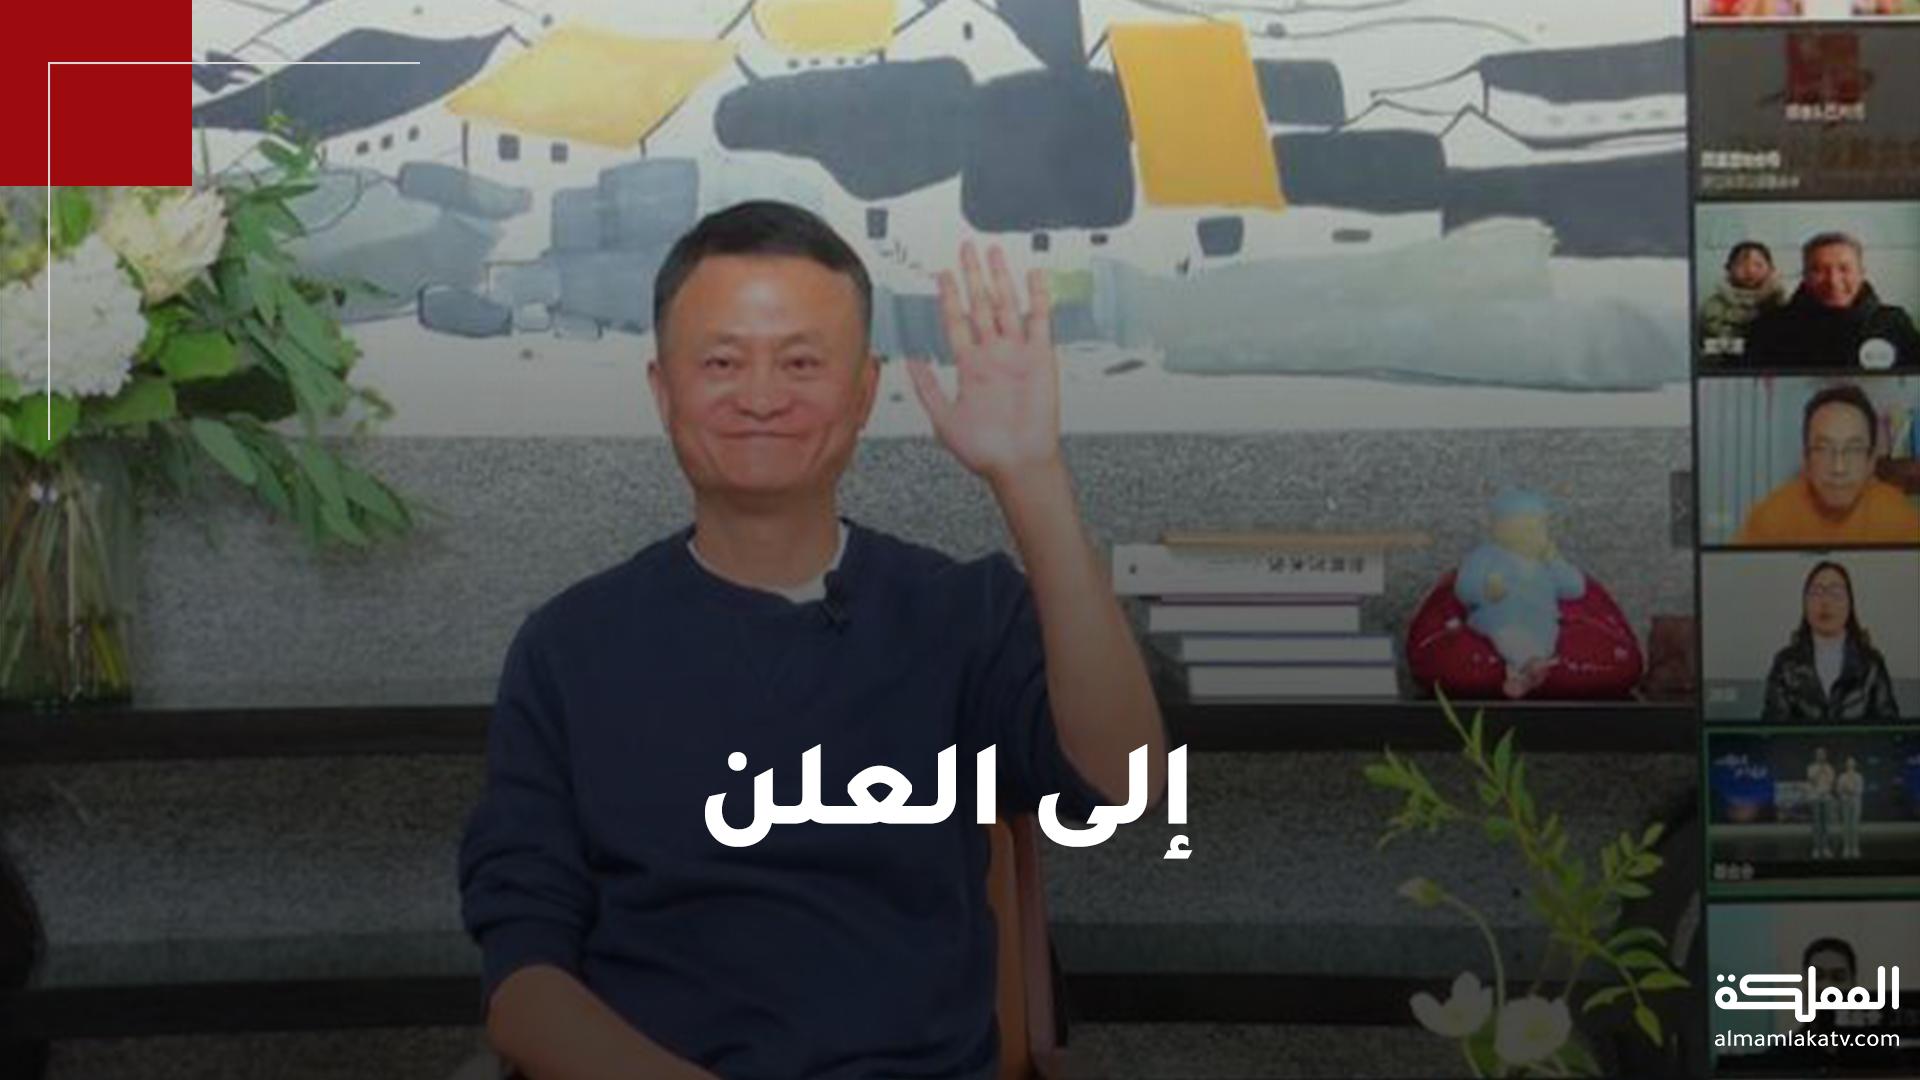 الملياردير الصيني، جاك ما، يدحض الشائعات ويظهر أخيرا بعد غياب دام 3 أشهر